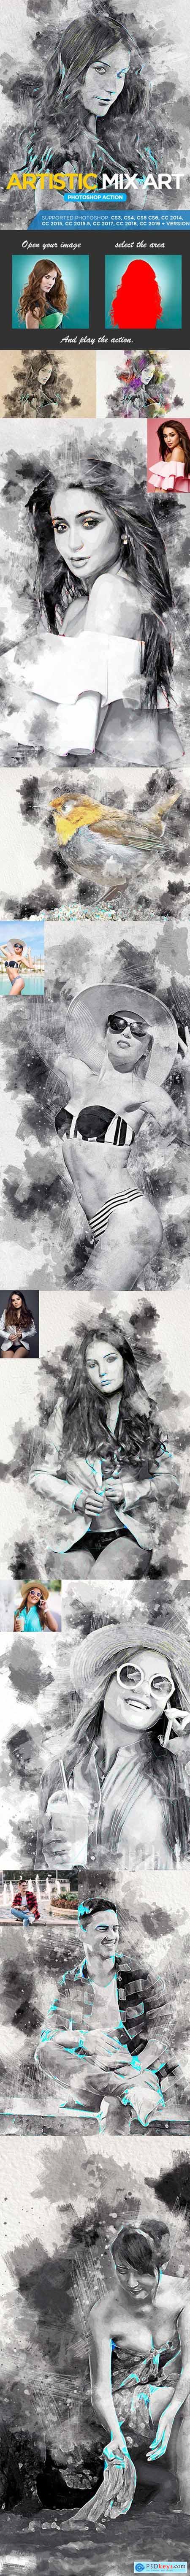 Artistic Mix Art Photoshop Action 22907668